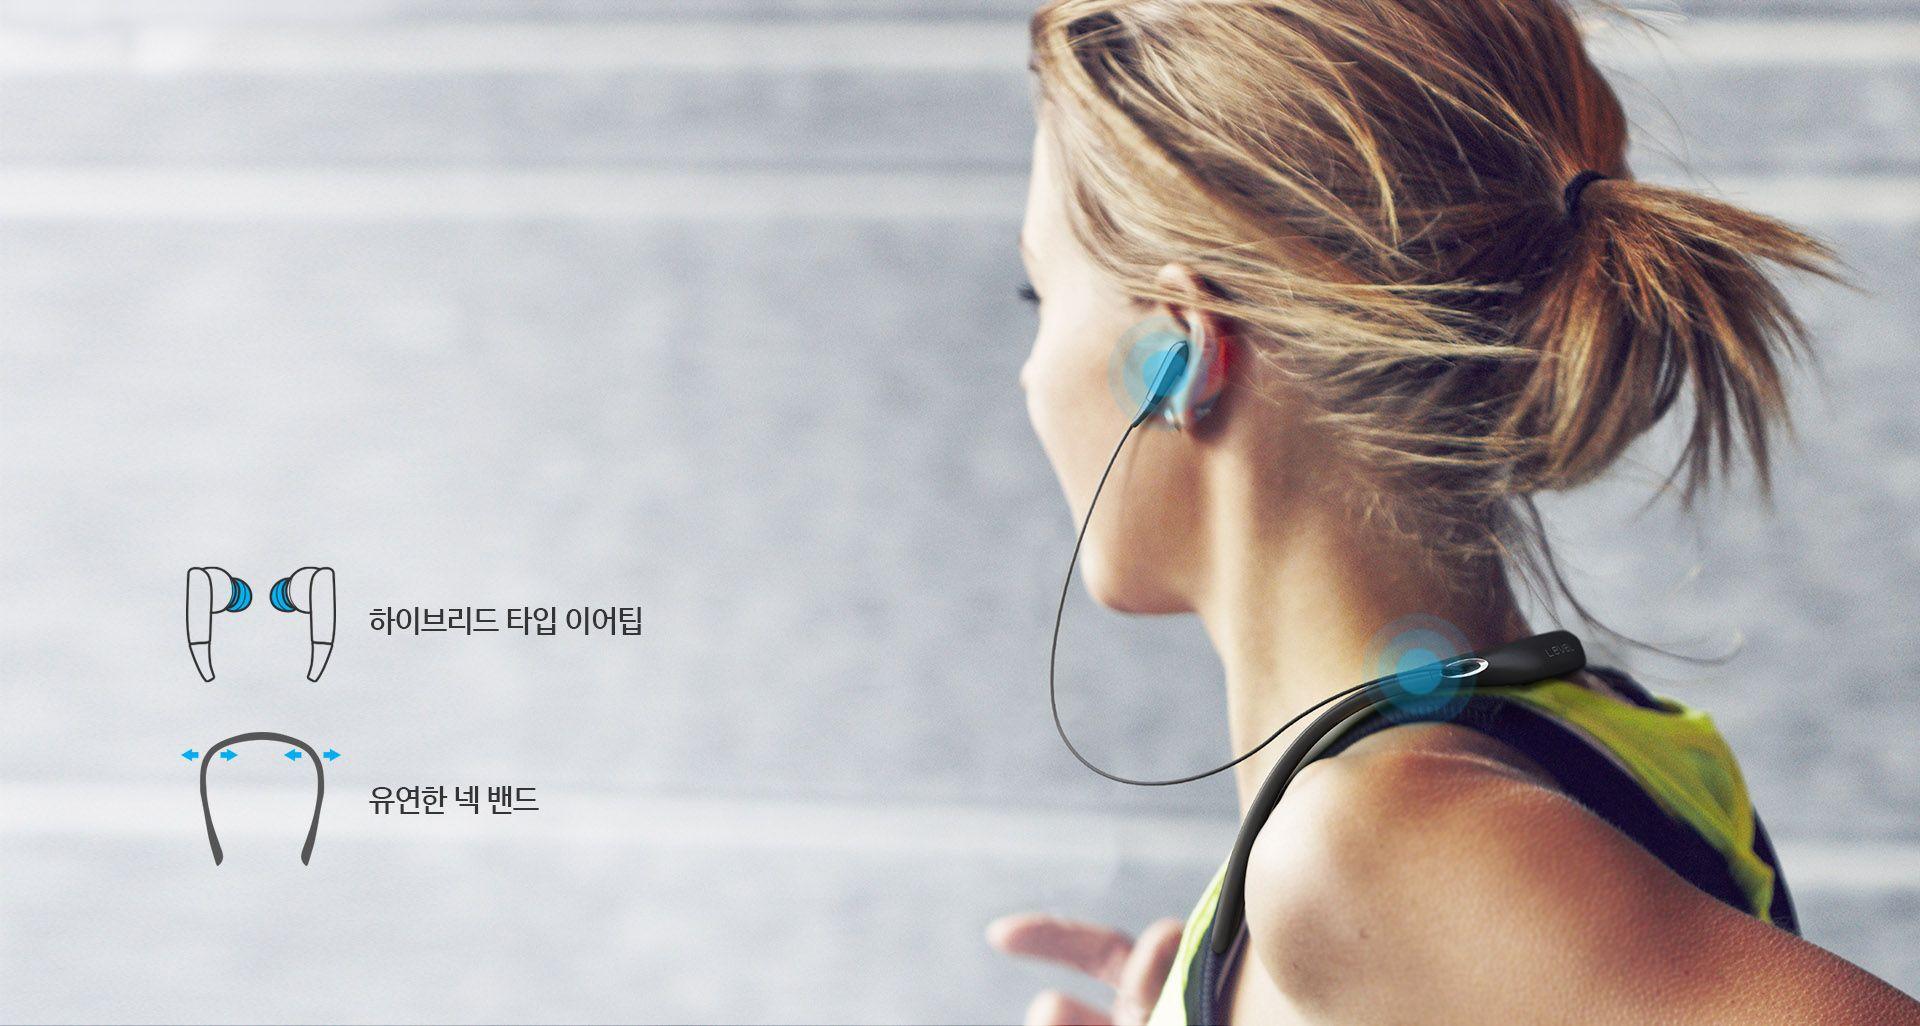 여자가 레벨 유 헤드셋 프로를 착용하며 운동하고 있는 뒷모습이 보이며, 좌측 하단에 하이브리드 타입 이어팁과 유연한 넥 밴드의 기능이  강조되어 아이콘으로 보여지고 있습니다.